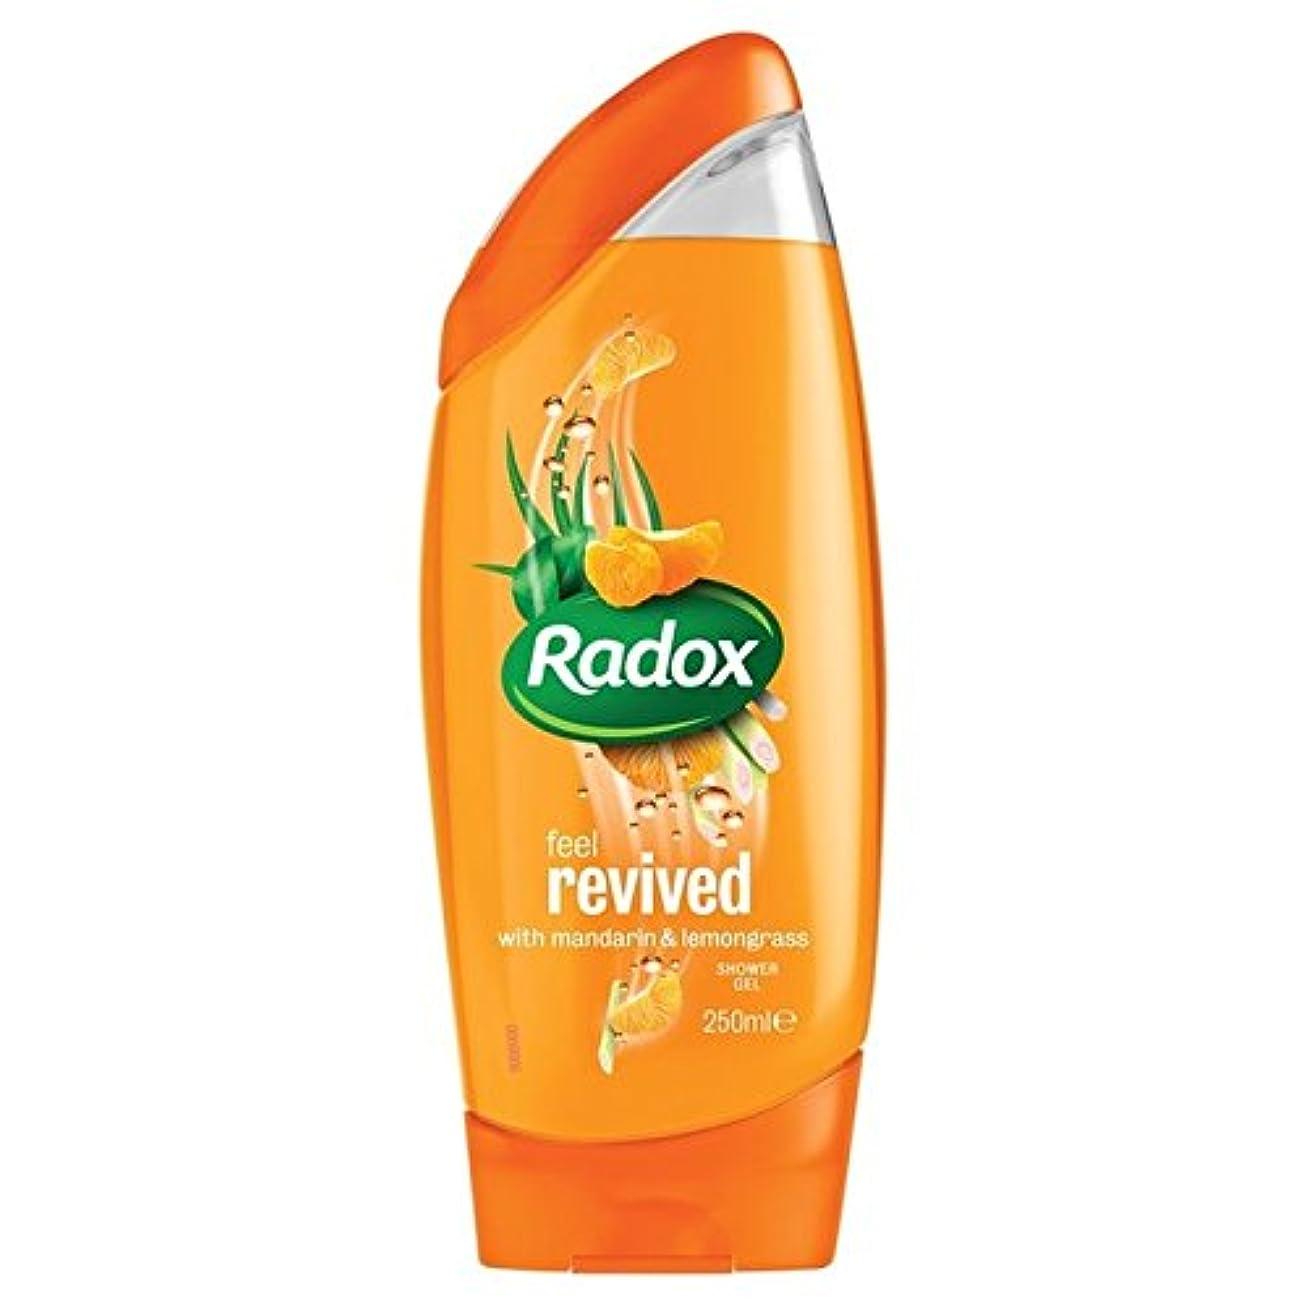 レール複雑な改修するのみかんは、シャワージェル250ミリリットルを復活させます x2 - Radox Mandarin Revive Shower Gel 250ml (Pack of 2) [並行輸入品]